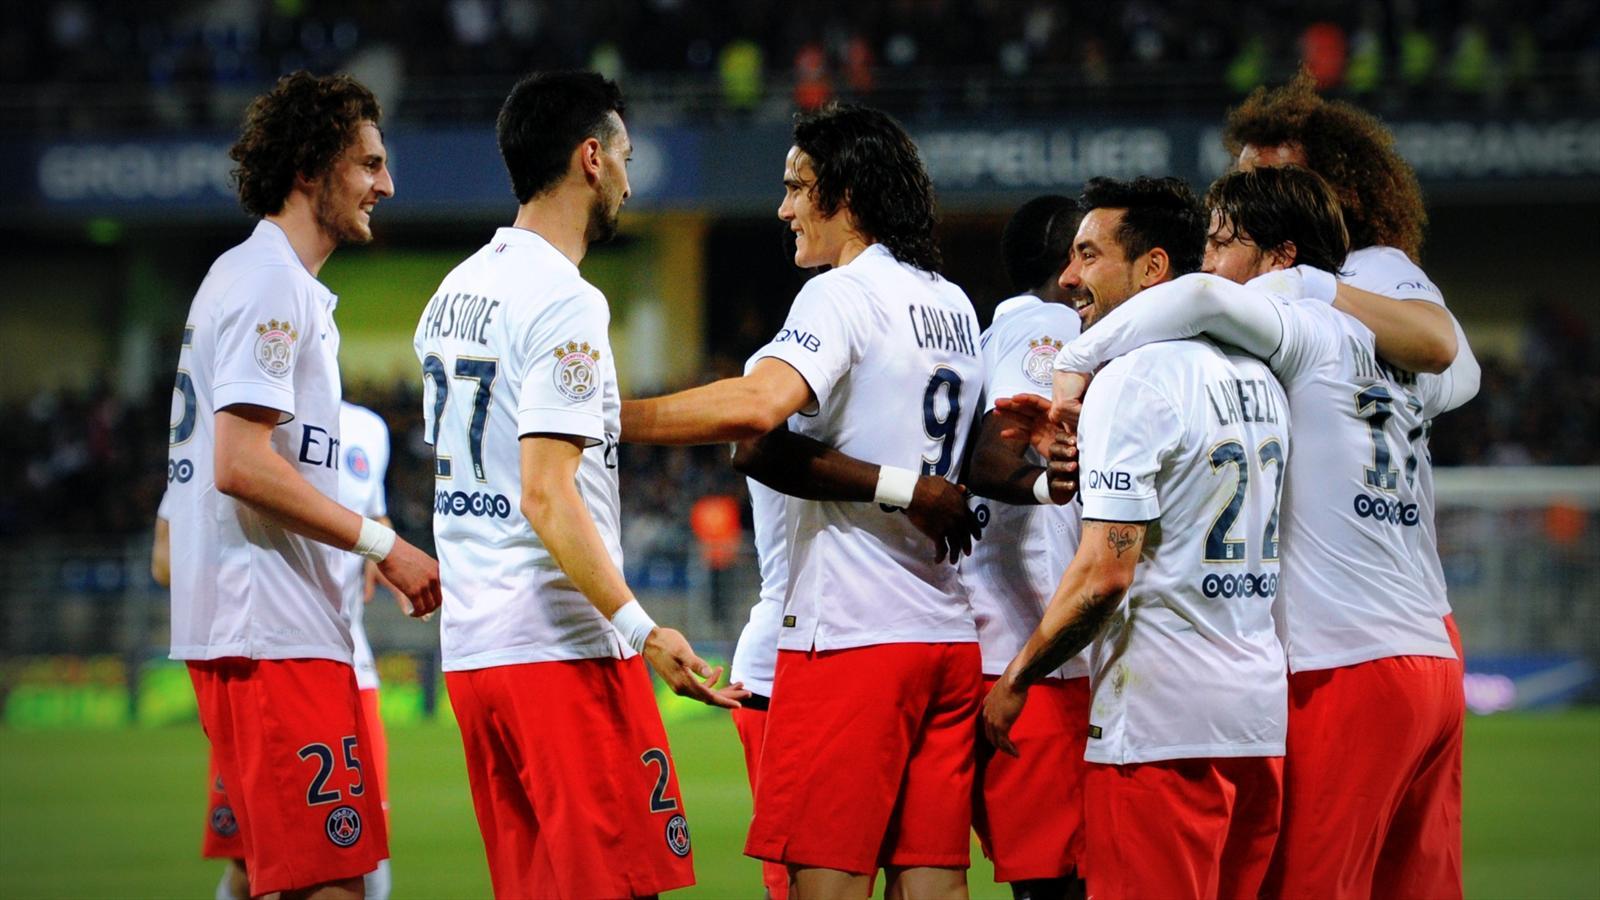 Video: Montpellier vs PSG